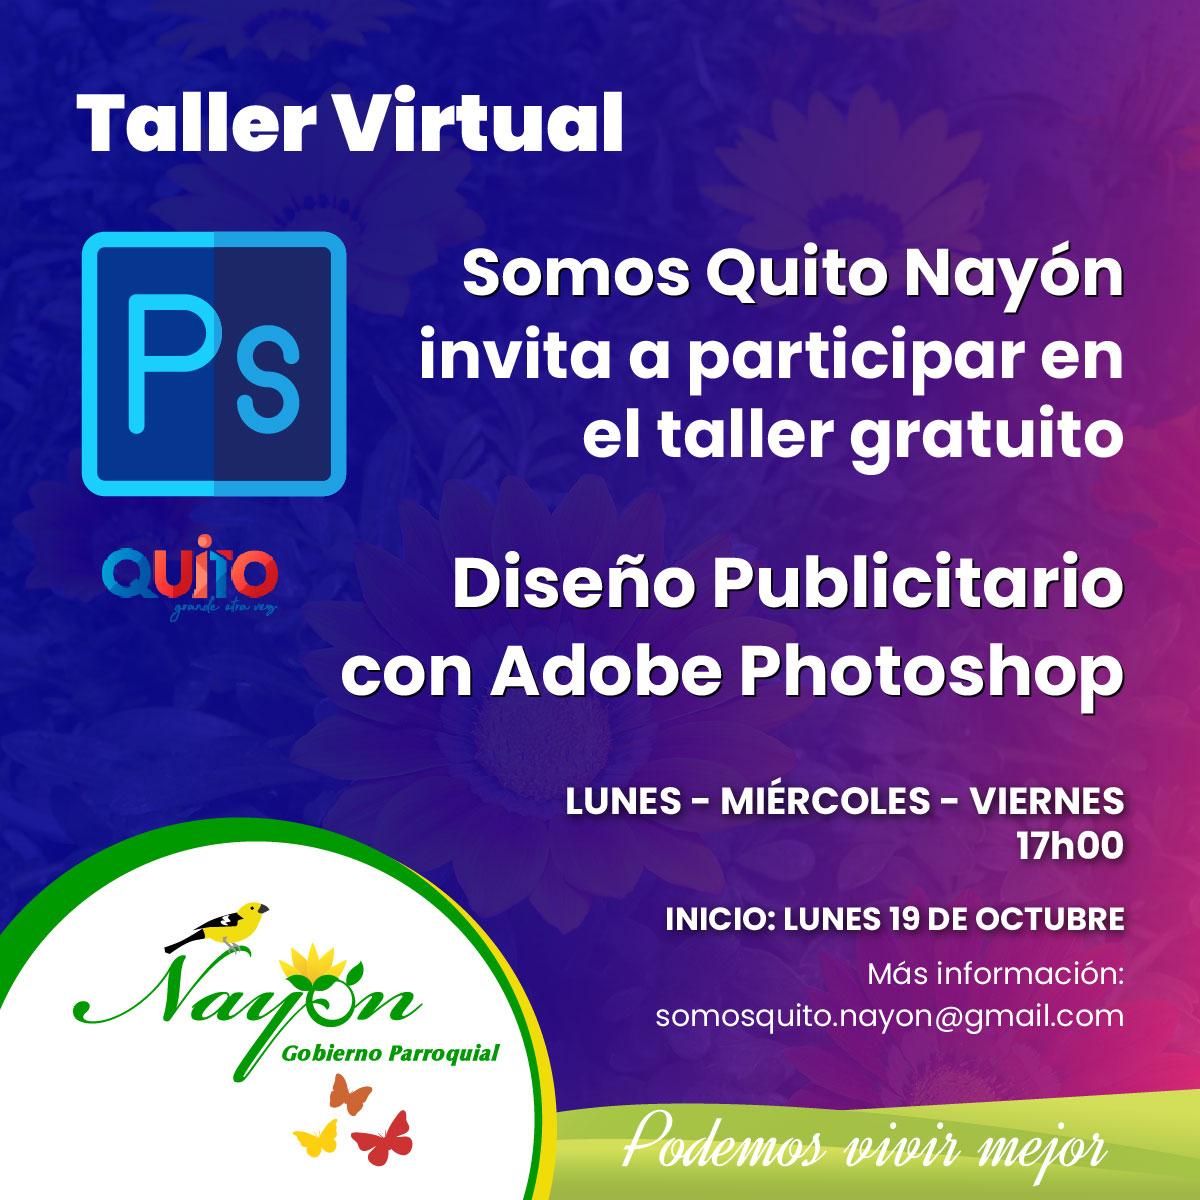 Taller Virtual Diseño Publicitario con Adobe Photoshop